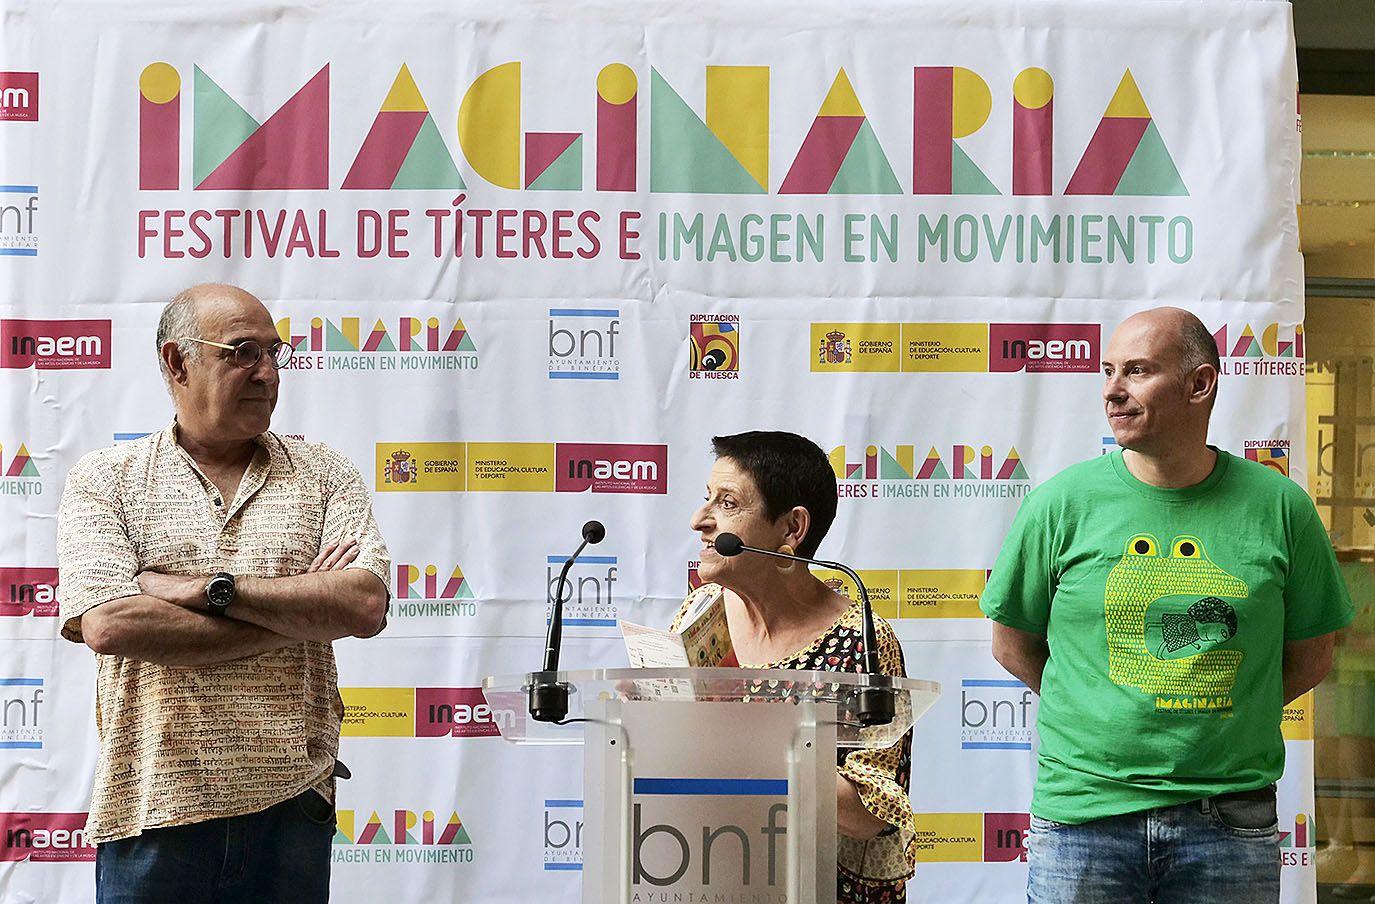 El Ball dels Totxets de Camporrells, Fiesta de Interés Turístico de Aragón